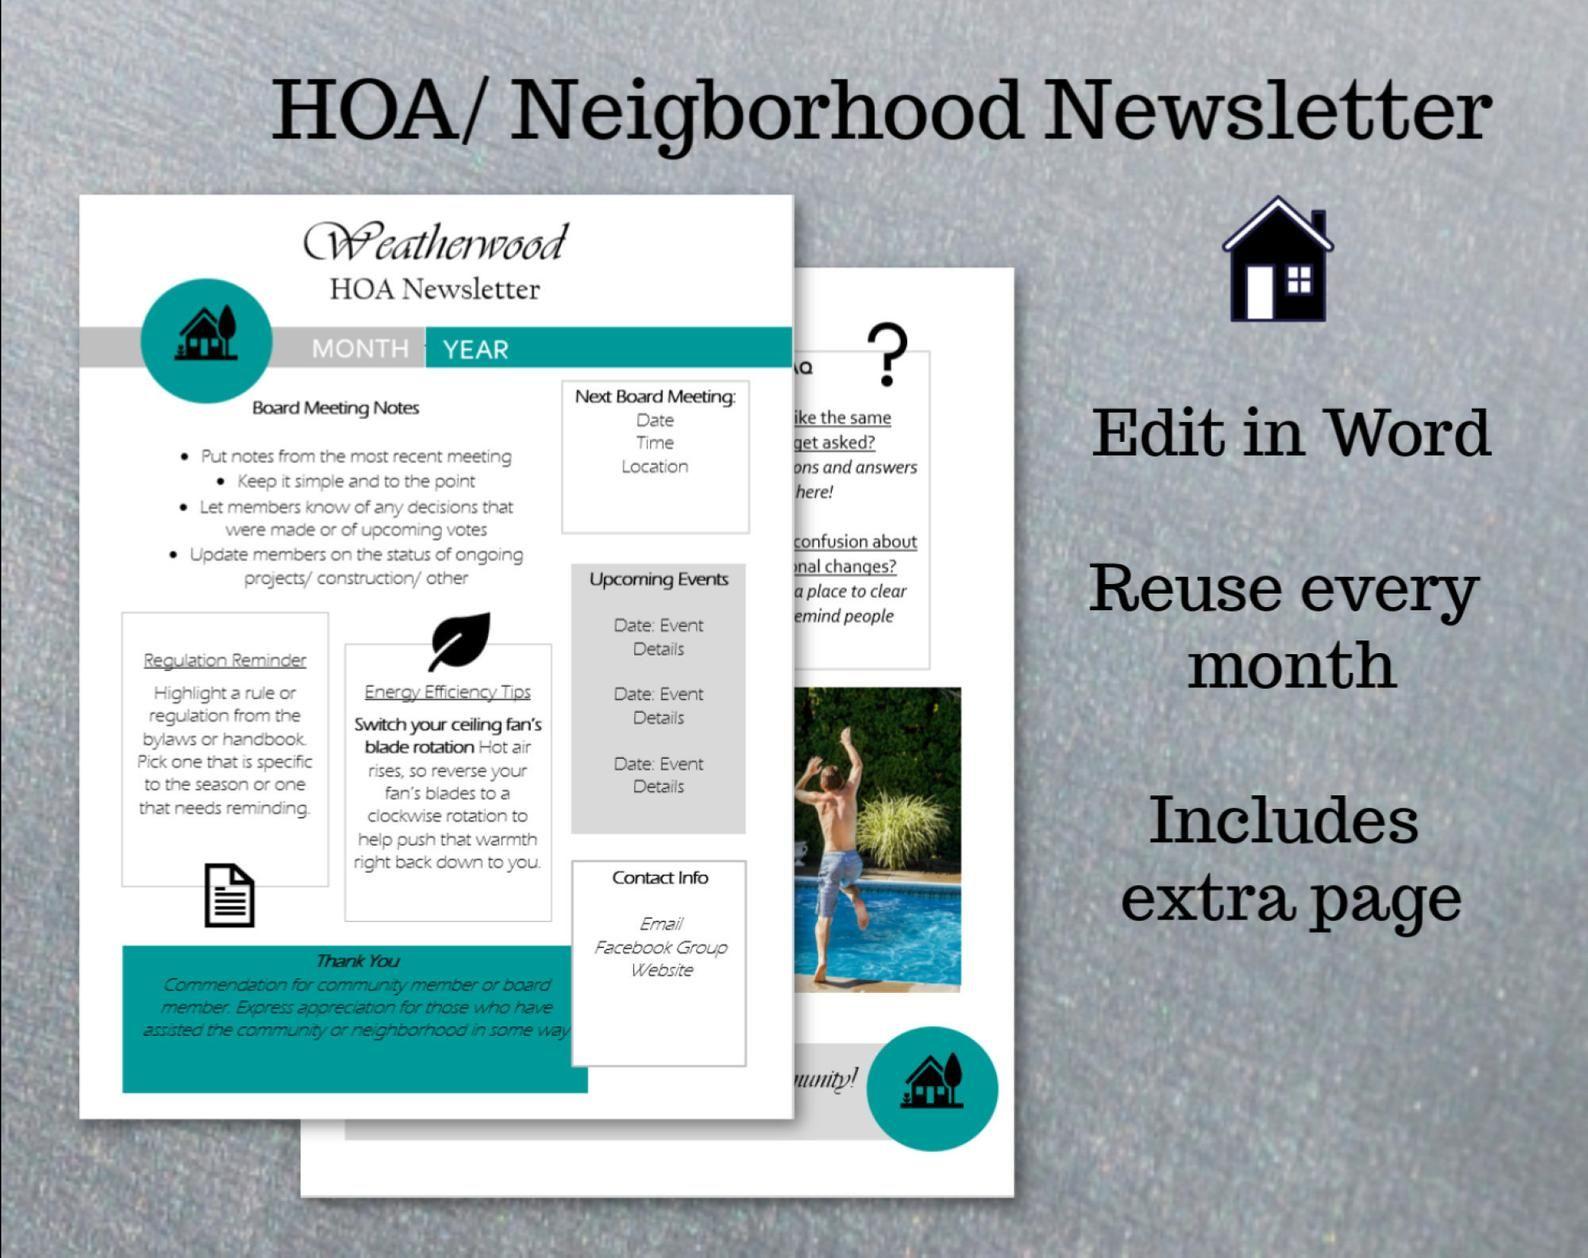 HOA Newsletter/ Neighborhood Newsletter/ Editable